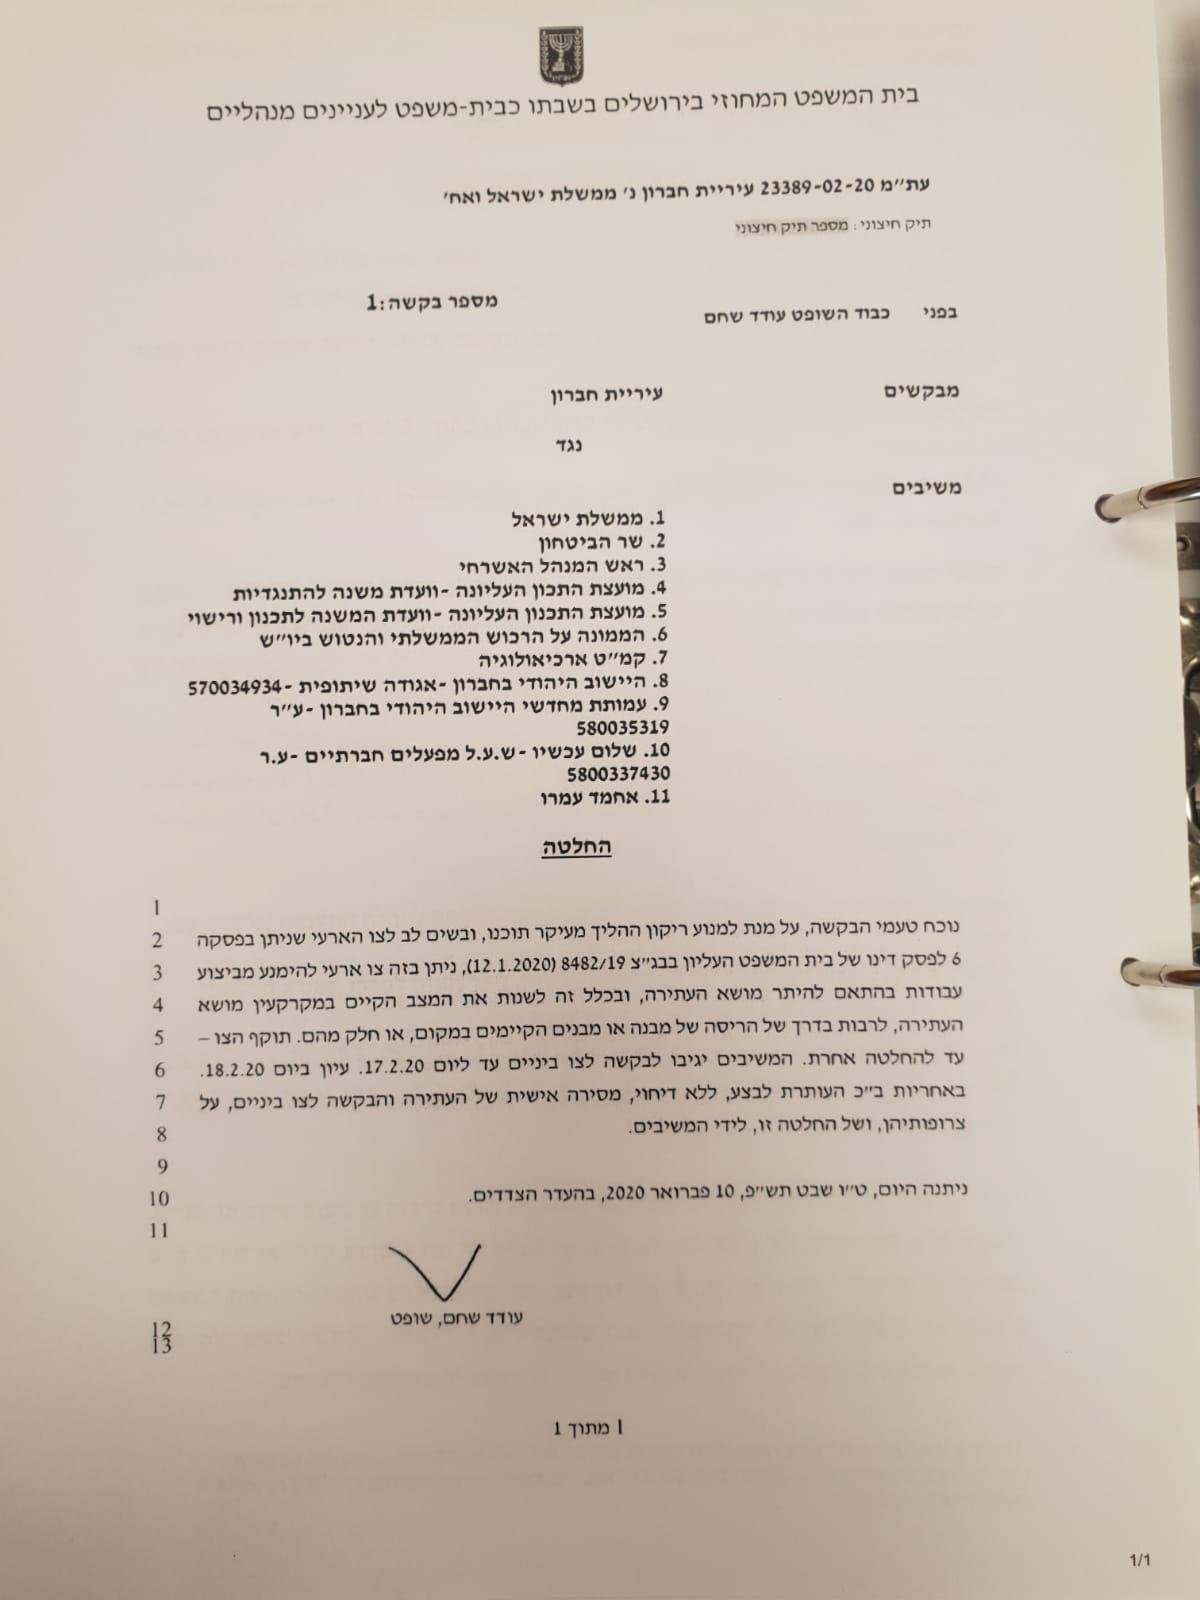 الامر الاحترازي ضد الاوامر العسكرية الاسرائيلية ببناء 31 وحدة استيطانية في الكراج القديم